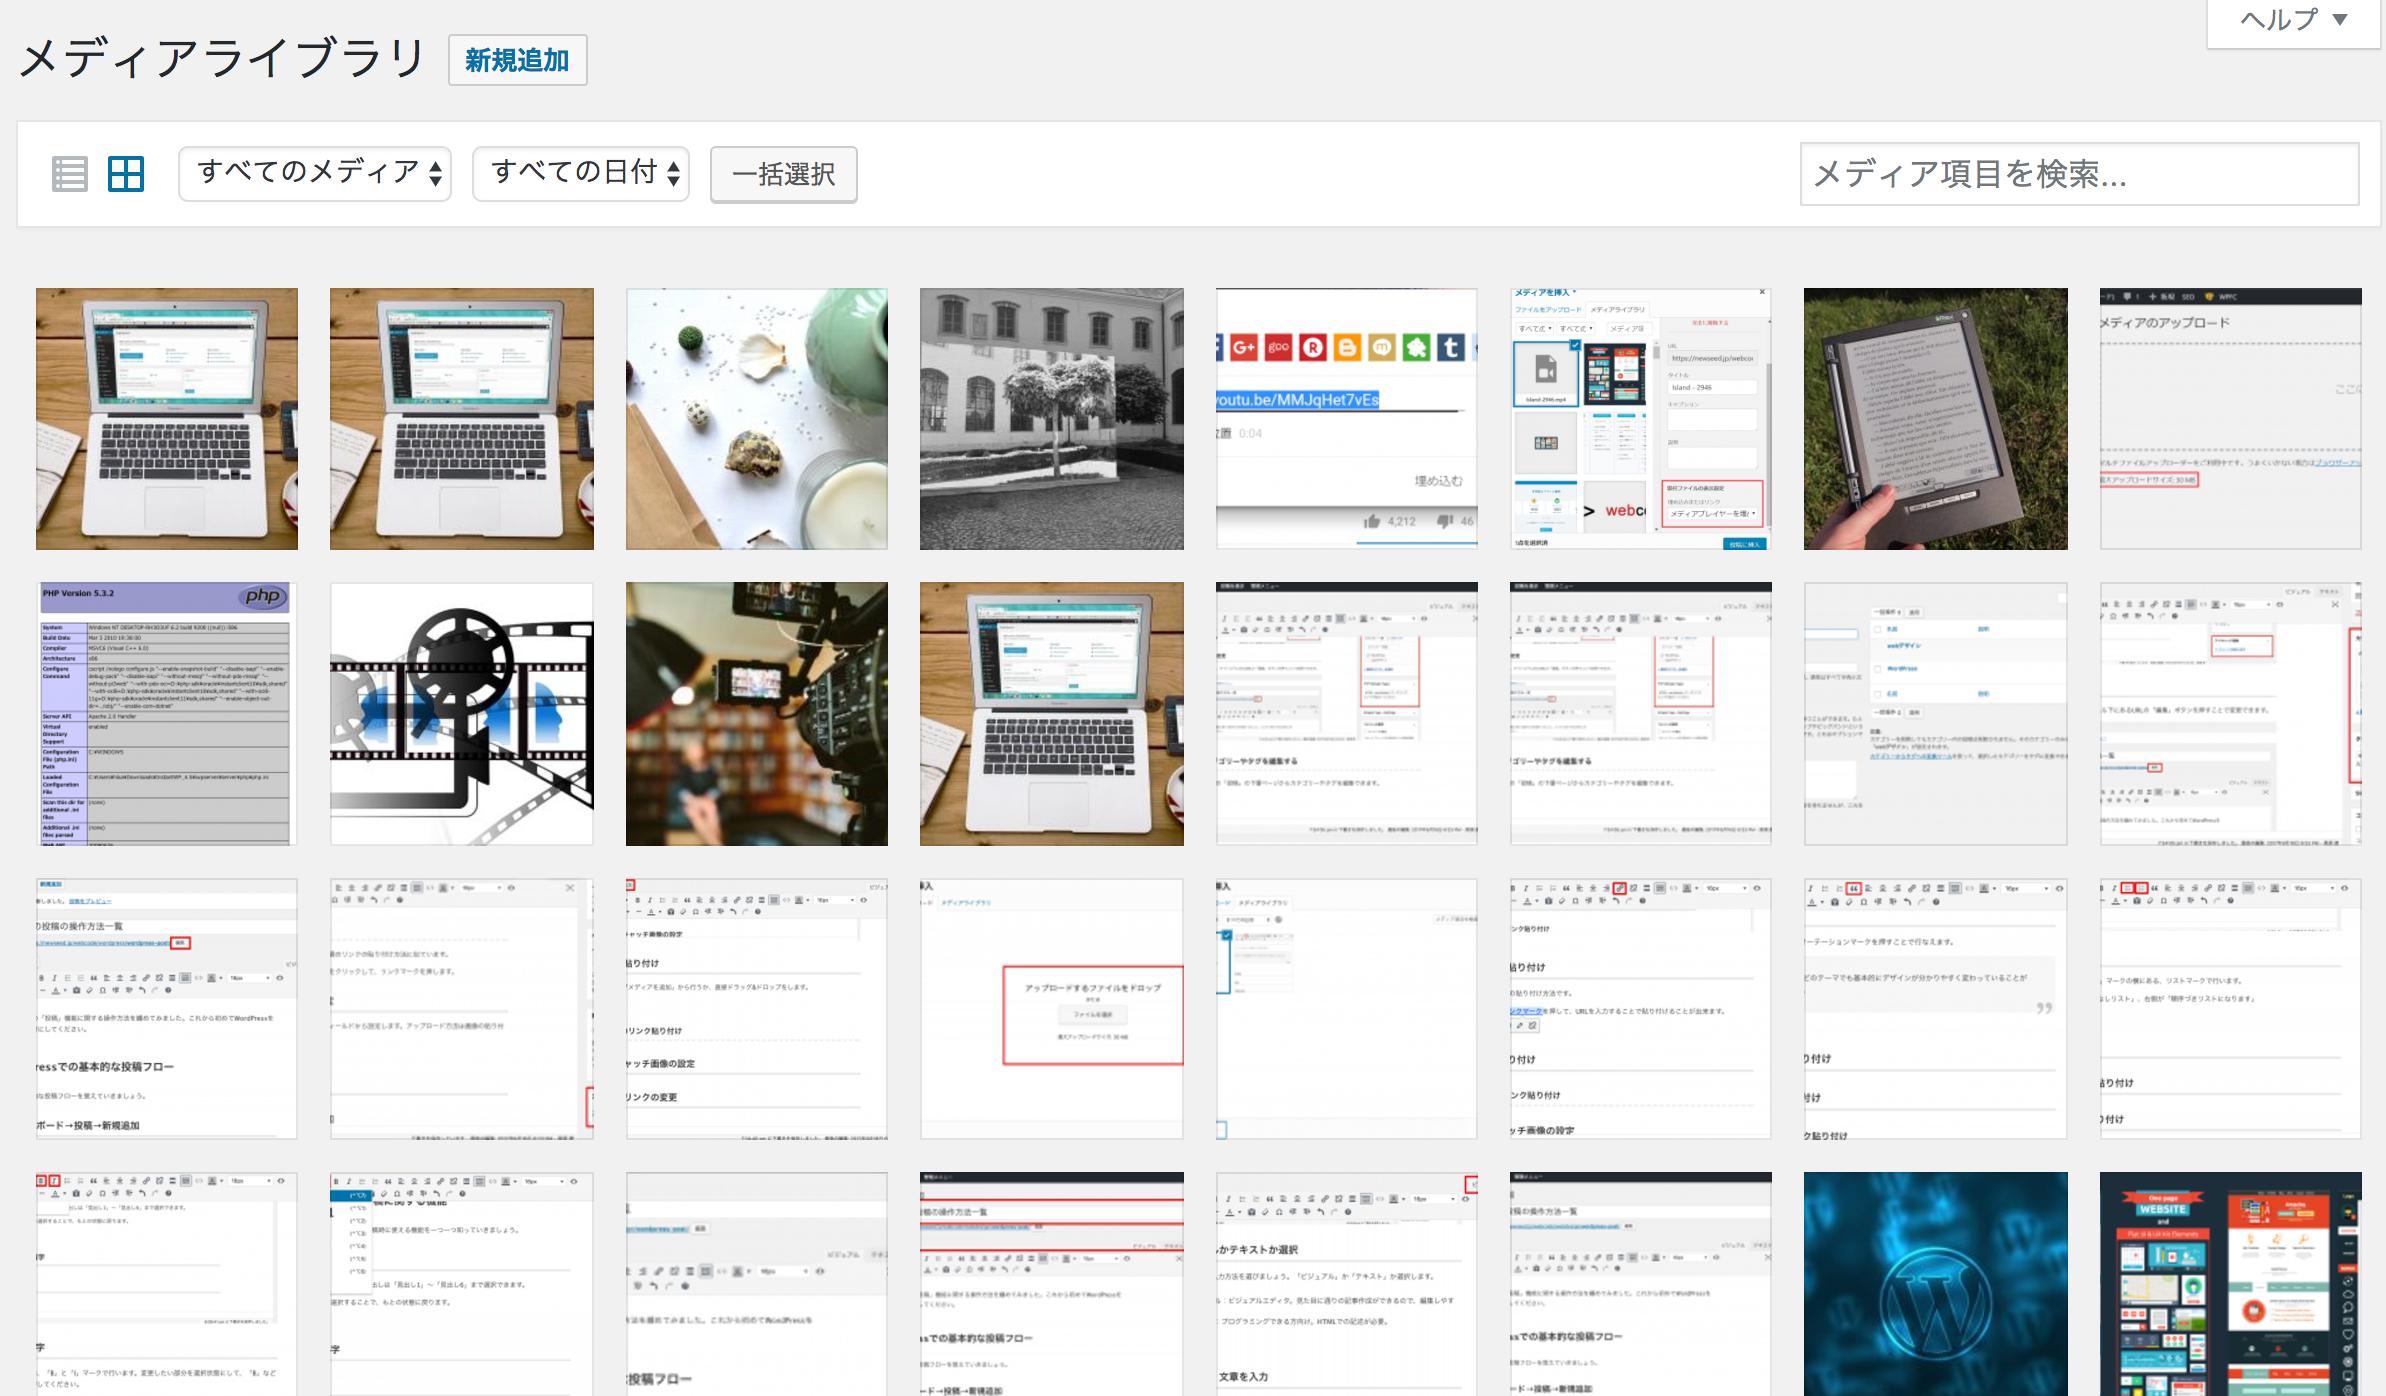 20dcb8ec7dbd6dcfc01bec869af05fe9 - wordpressでホームページを作成したい人向けの基礎知識とやり方まとめ